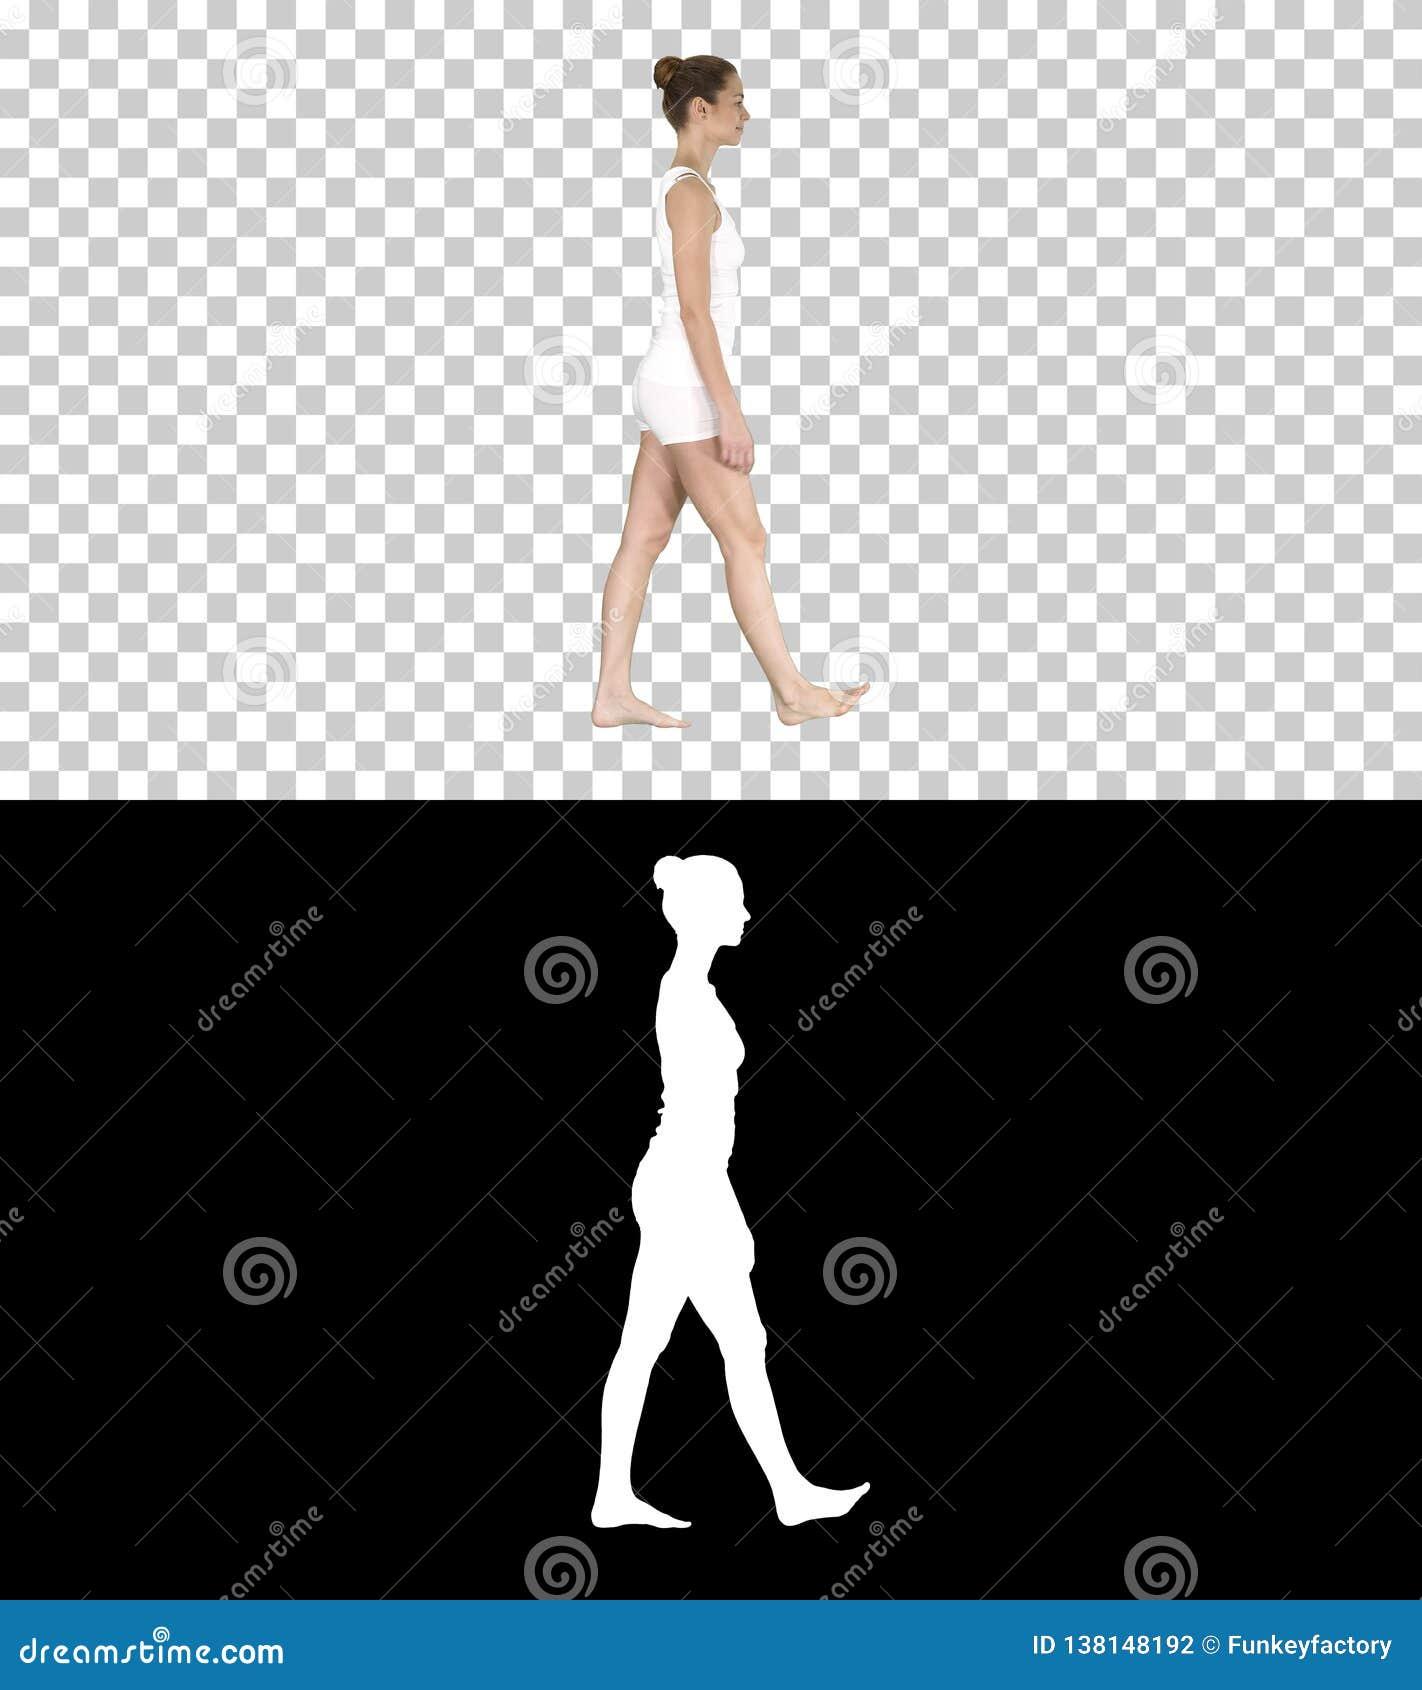 Une femelle marchant nu-pieds dans des vêtements blancs, Alpha Channel